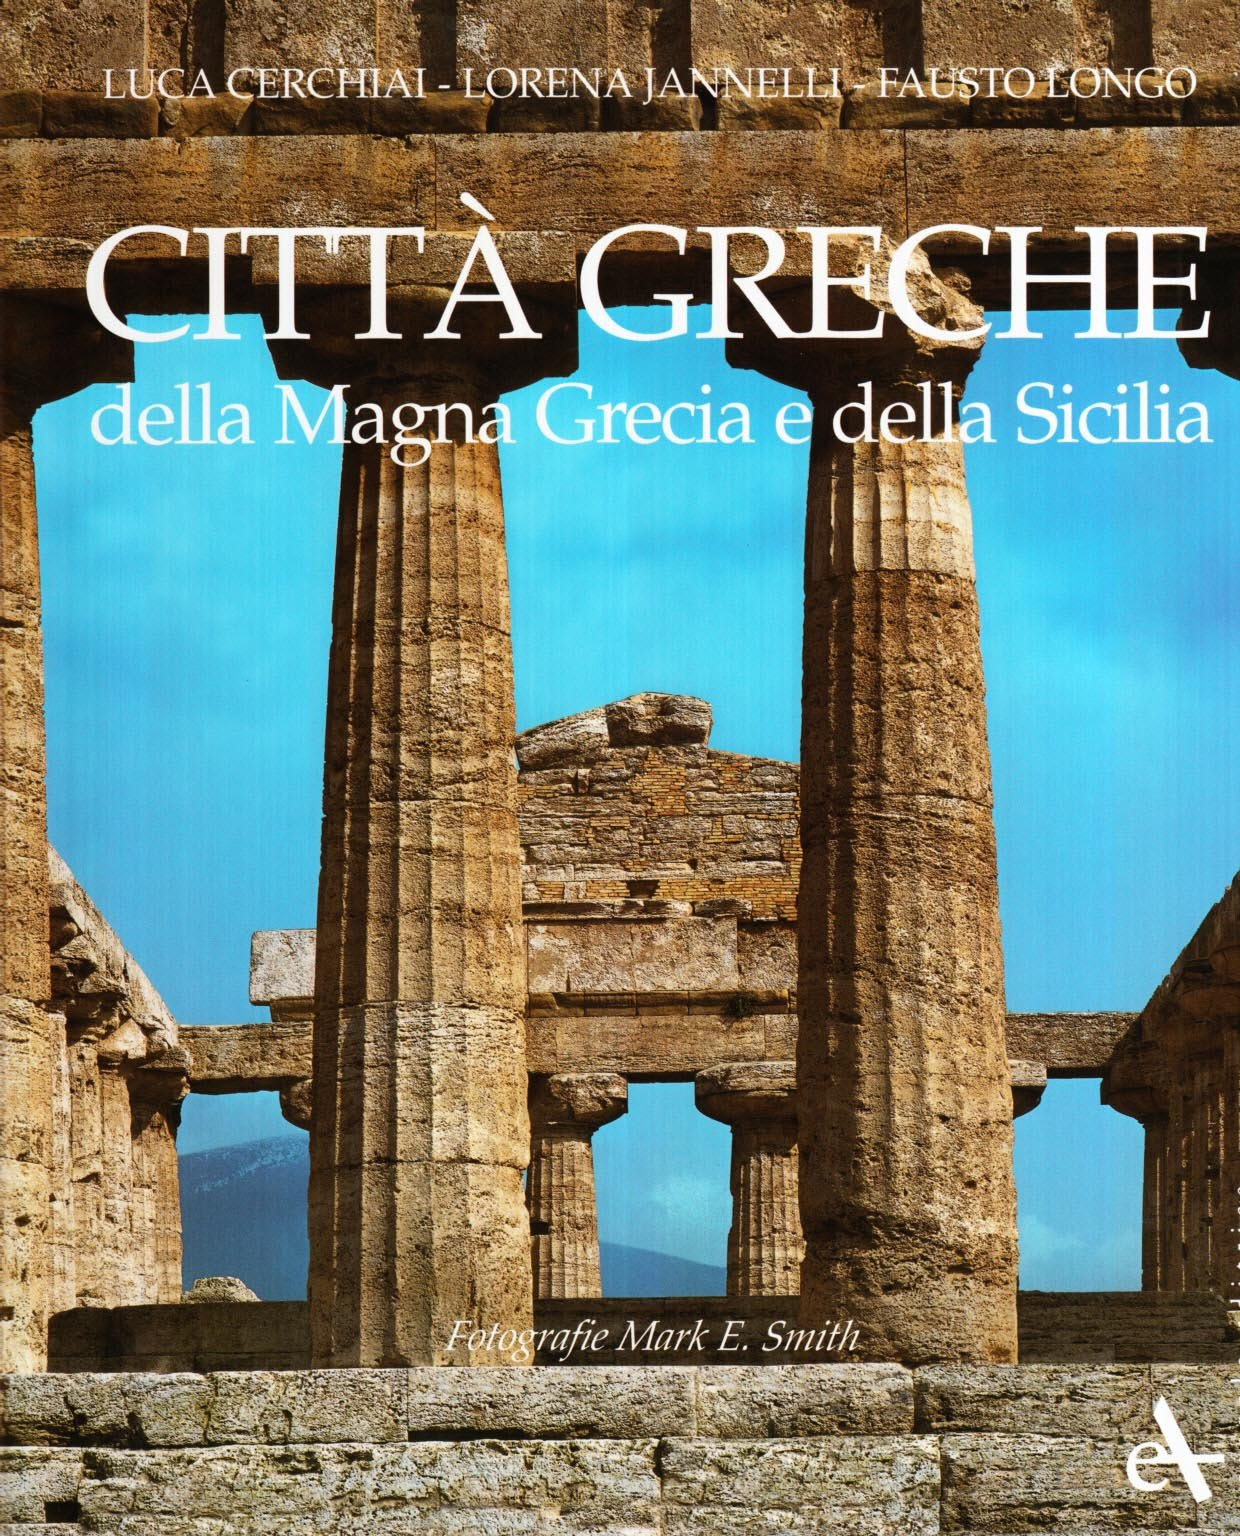 Città greche della Magna Grecia e della Sicilia